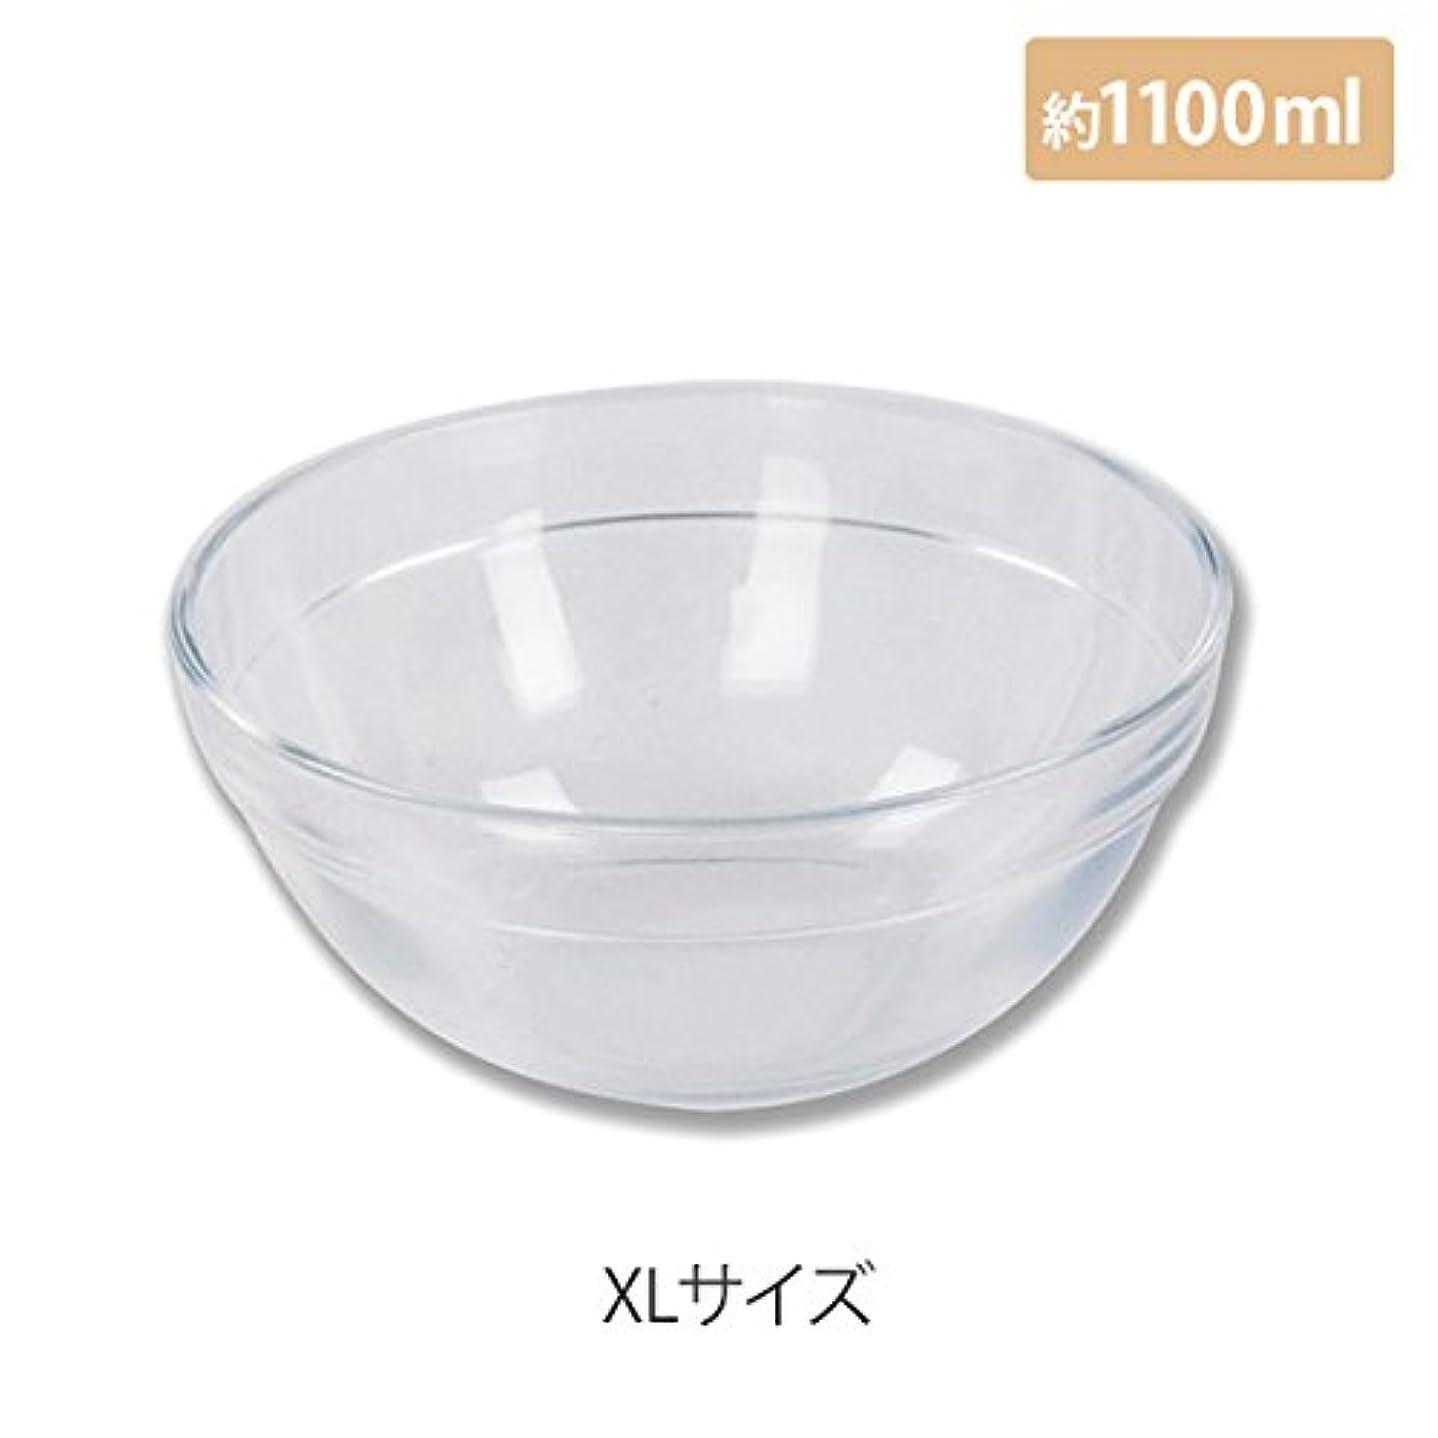 自発闇基準マイスター プラスティックボウル (XLサイズ) クリア 直径20cm [ プラスチックボール カップボウル カップボール エステ サロン プラスチック ボウル カップ 割れない ]